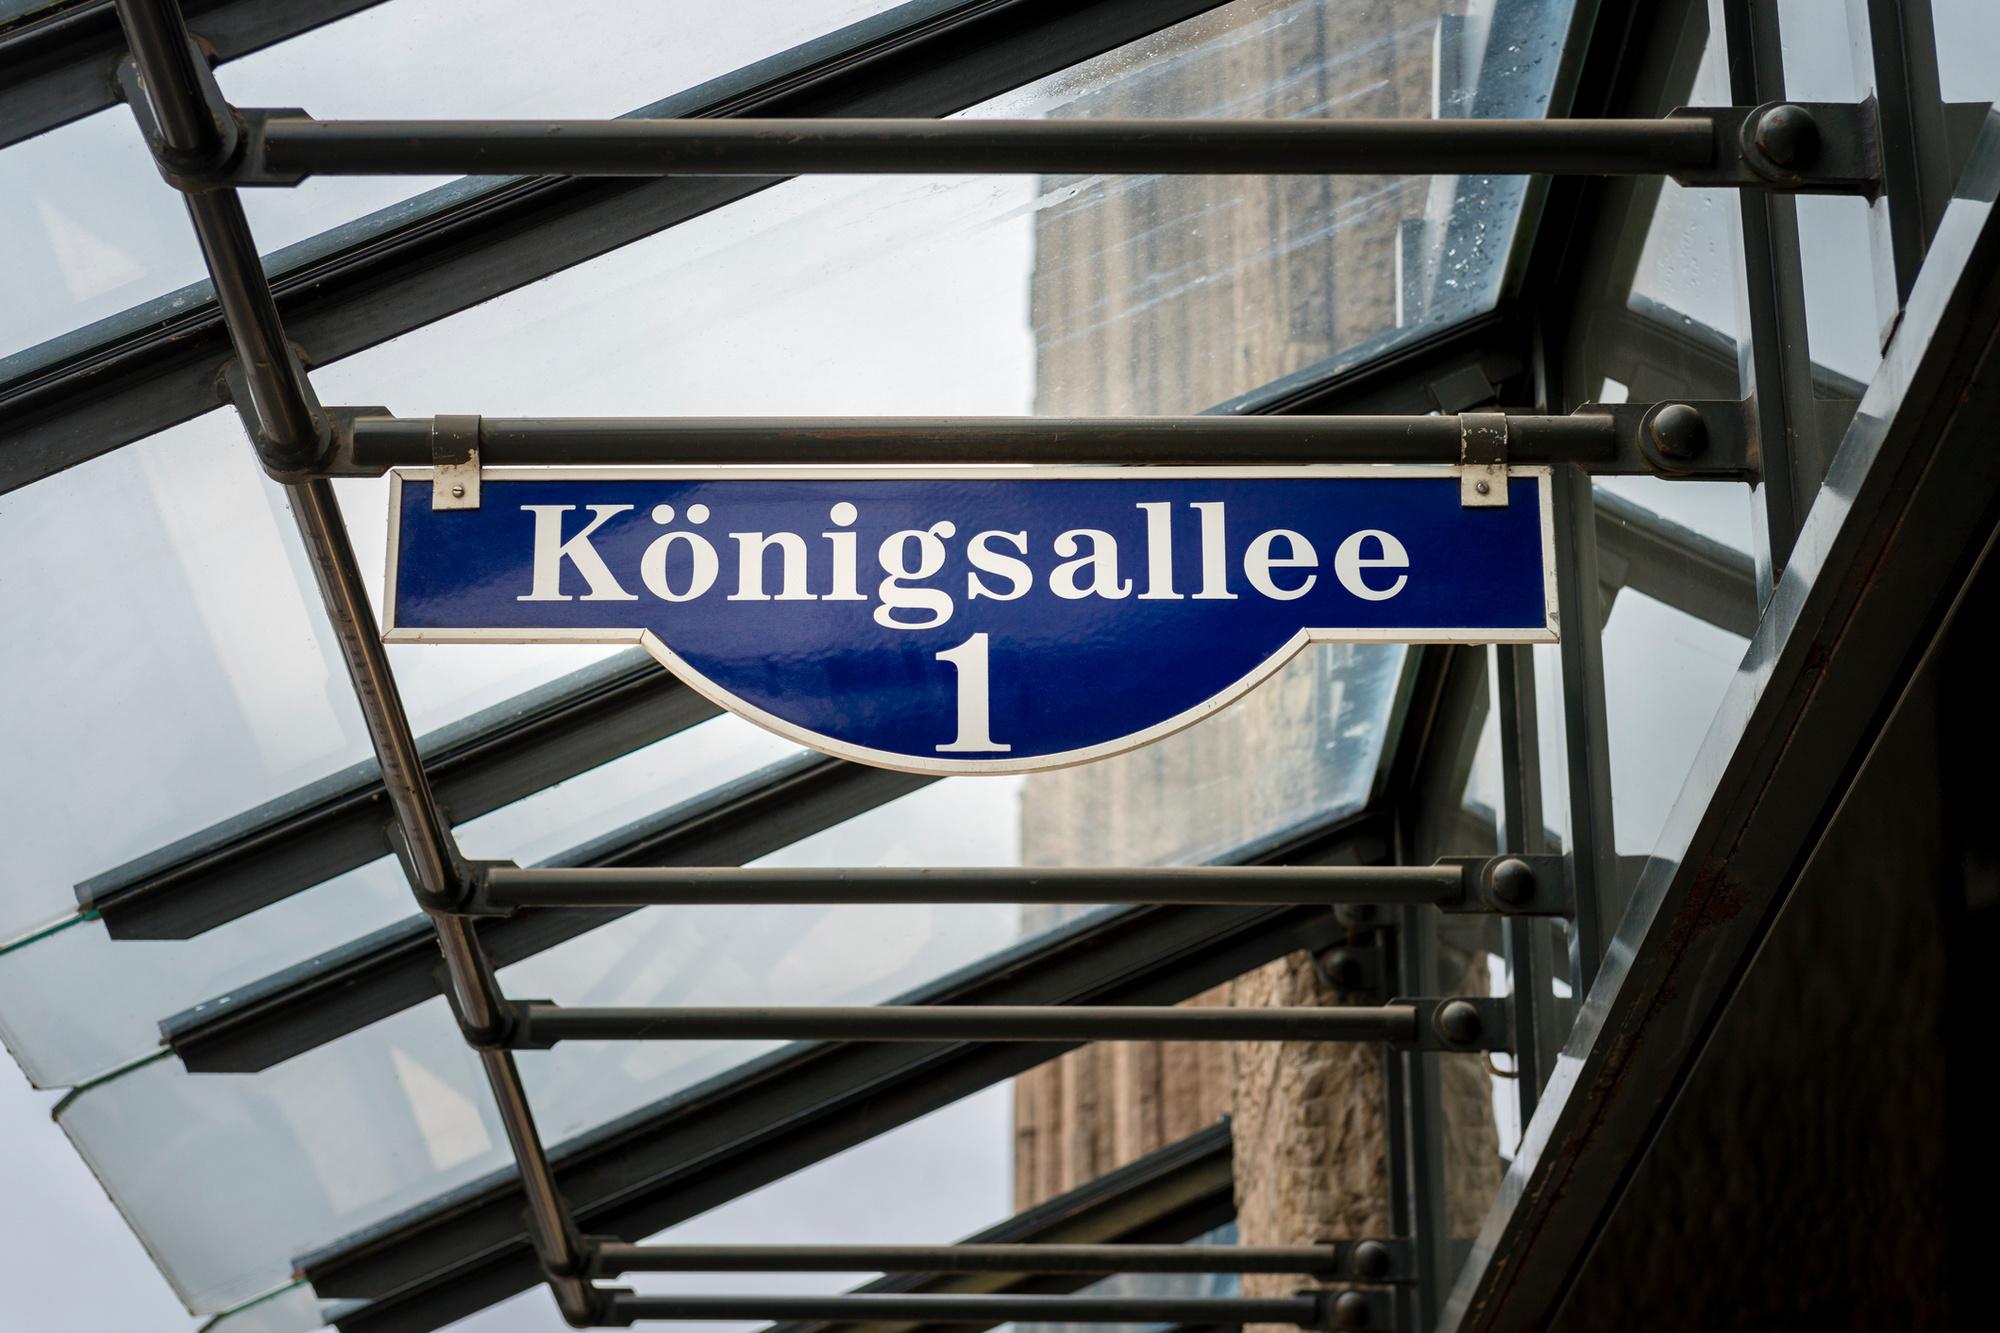 De Königsallee, beter bekend als de Kö, is een zeer stijlvolle winkelboulevard, Getty